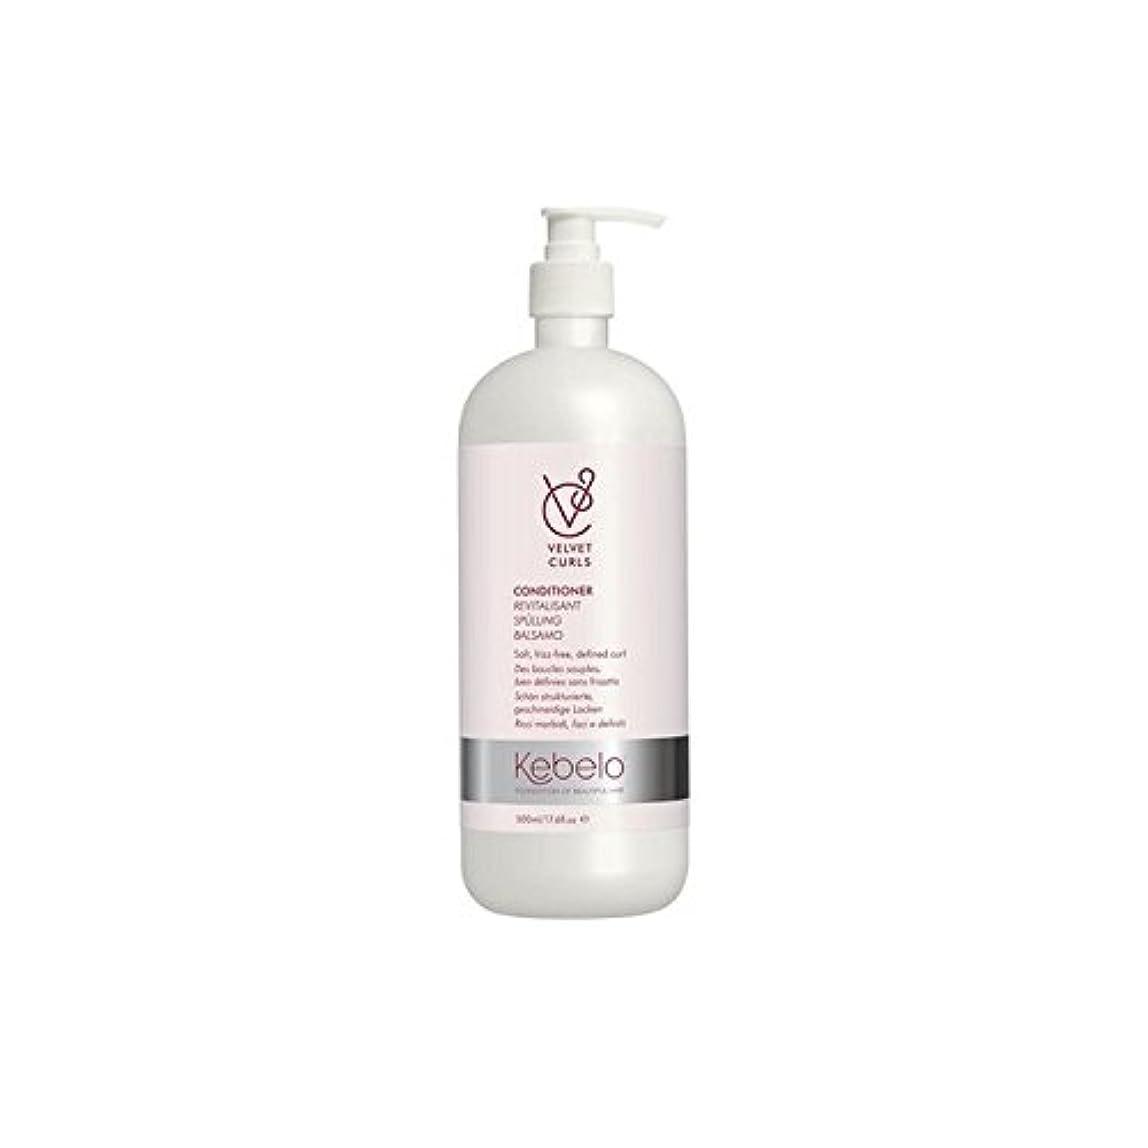 ペルメル感じイライラするKebelo Velvet Curls Conditioner (500ml) - ベルベットのカールコンディショナー(500ミリリットル) [並行輸入品]